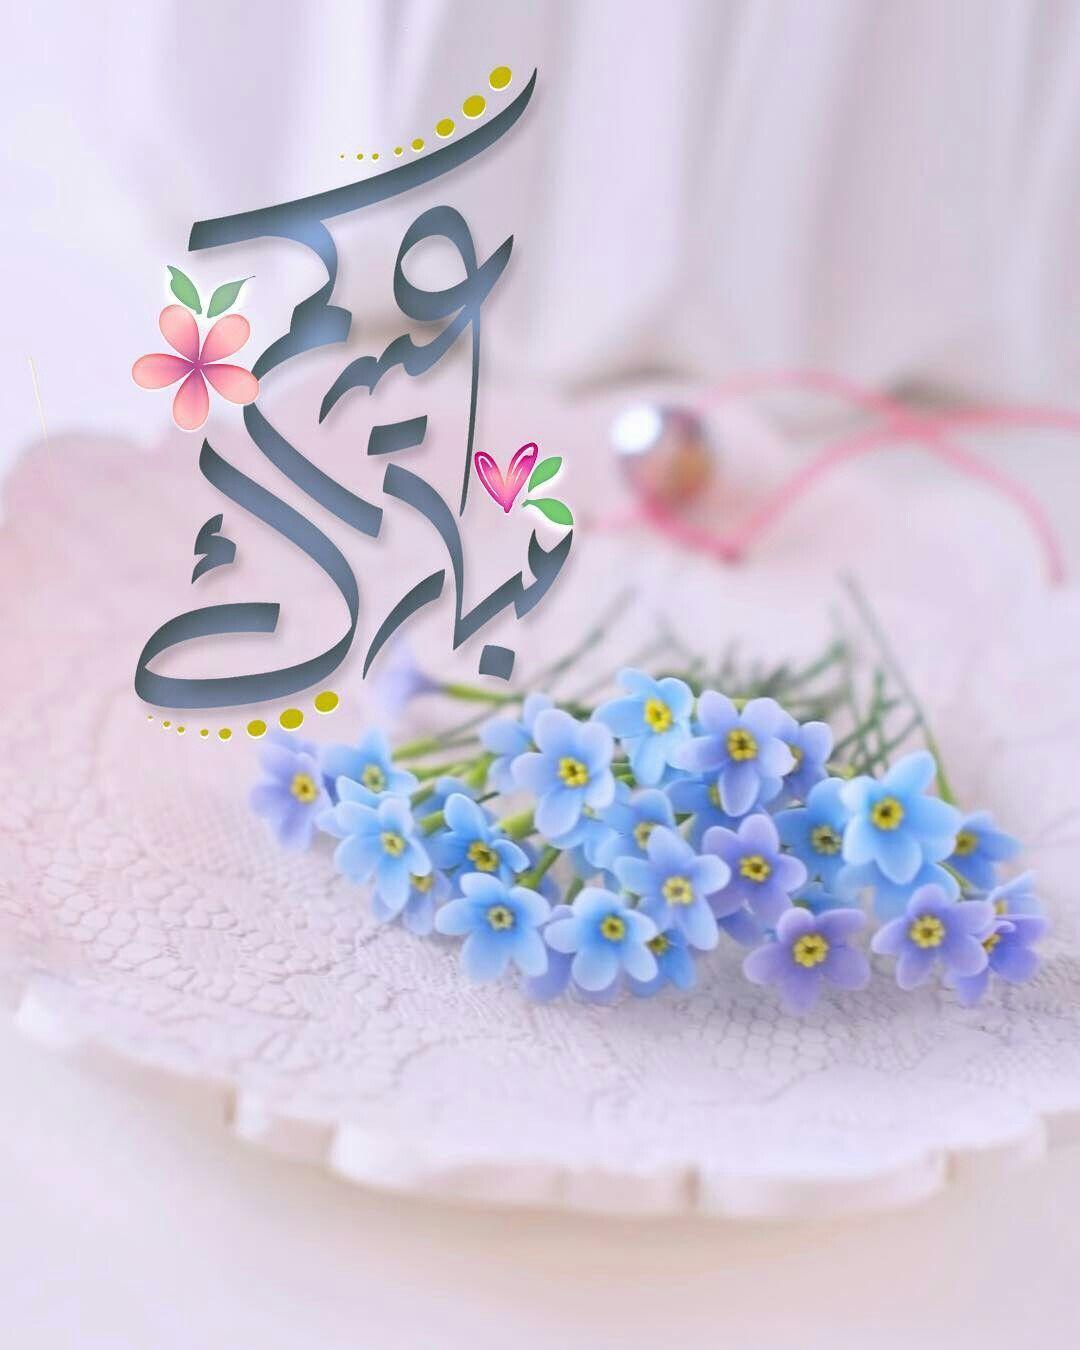 كل عام وقلوبكم تزهر بالخير والعطاء كل عام وقلوبكم عامر بالنقاء والصفاء كل عام والسعادة تطرق بابكم عيد أضحى مبارك وتقبل الله ط Eid Greetings Eid Cards Happy Eid